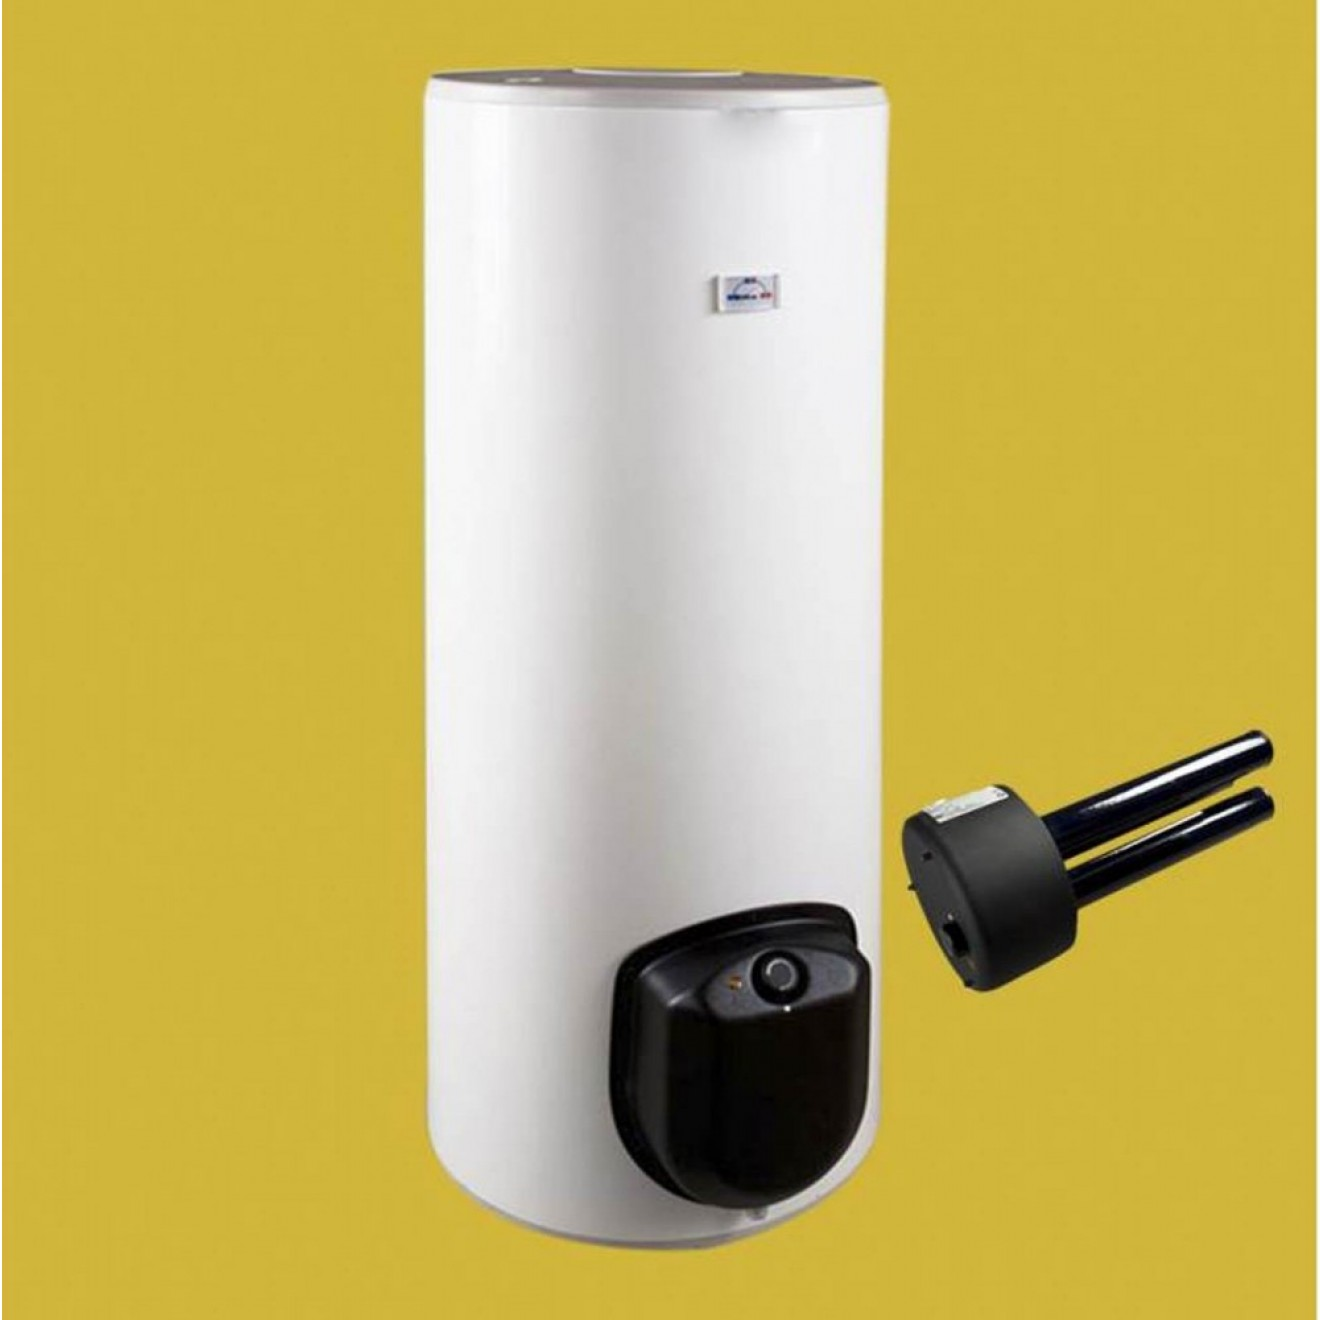 160 250 liter elektrische warmwasserspeicher standspeicher mit 2 2 oder 3 6 kw. Black Bedroom Furniture Sets. Home Design Ideas